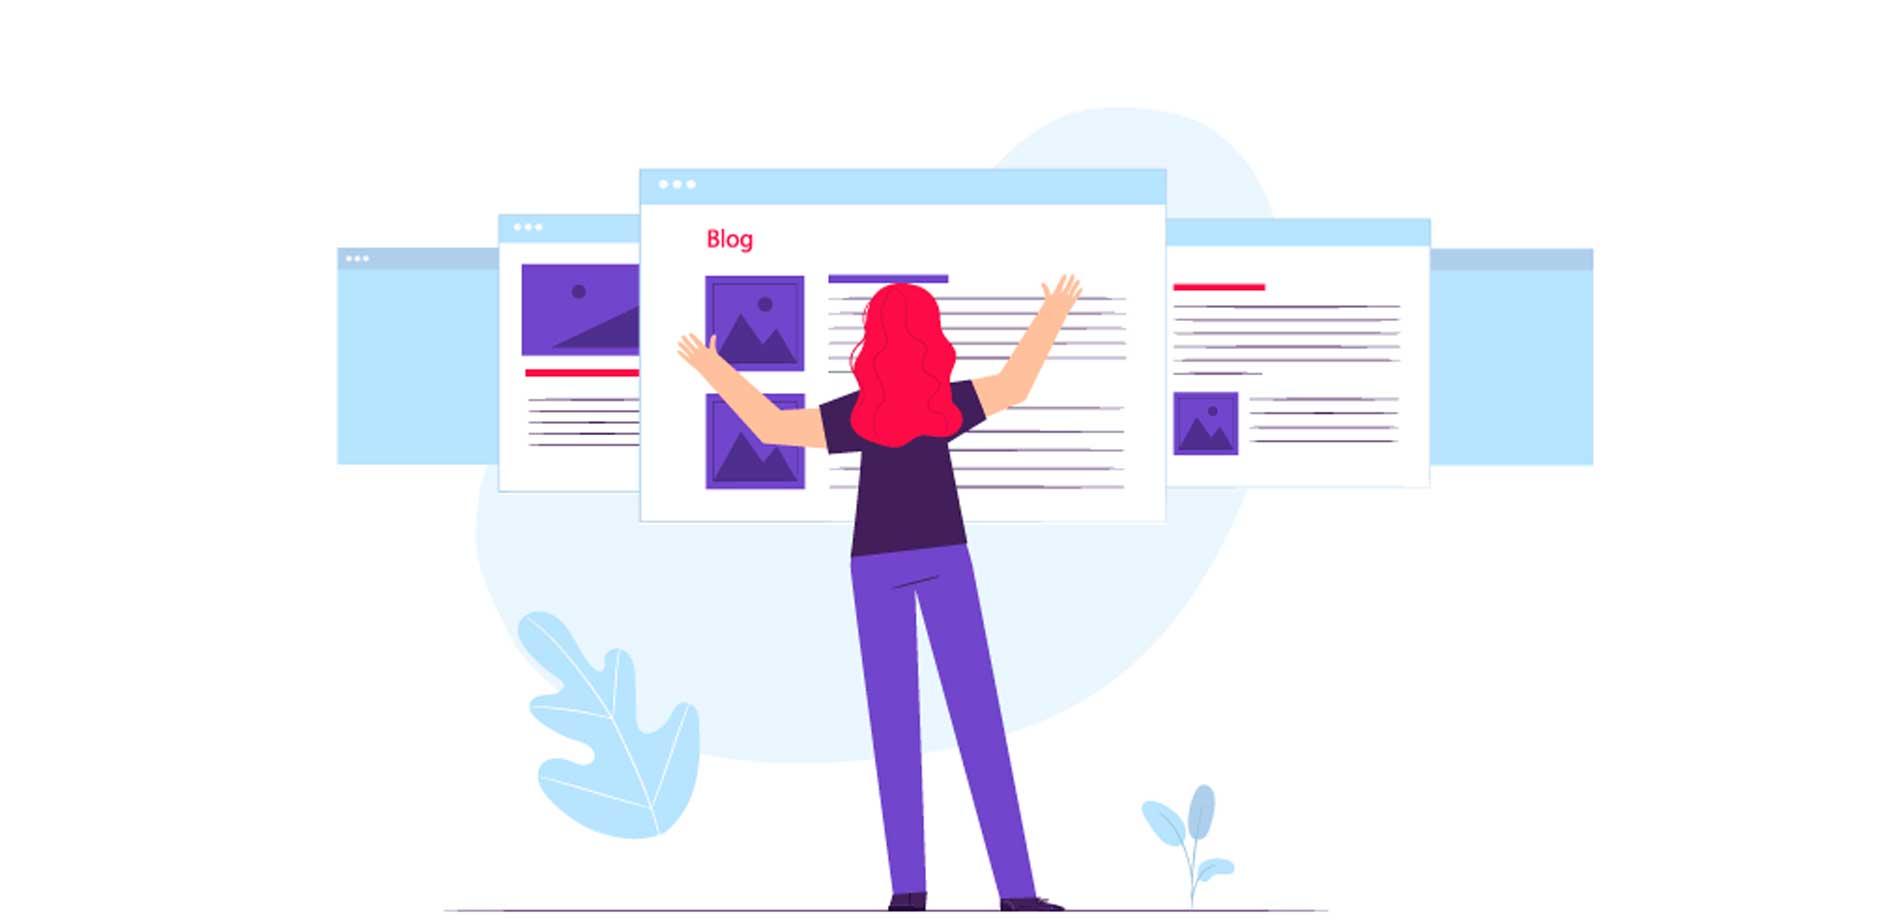 Saiba os 3 pilares para o sucesso de um site ou blog